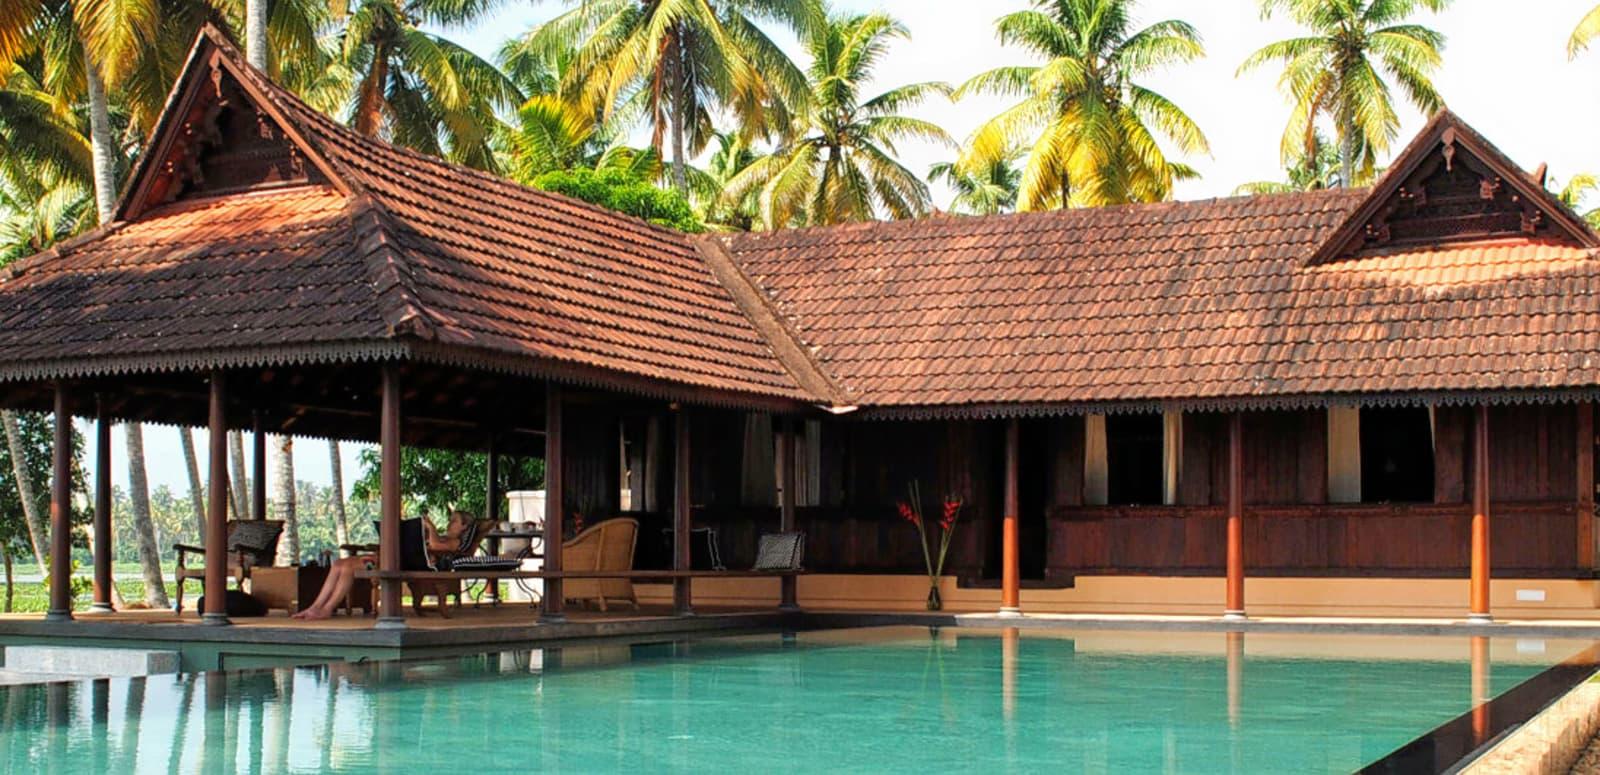 dating girl karnataka tourism hotels in coorg madikeri